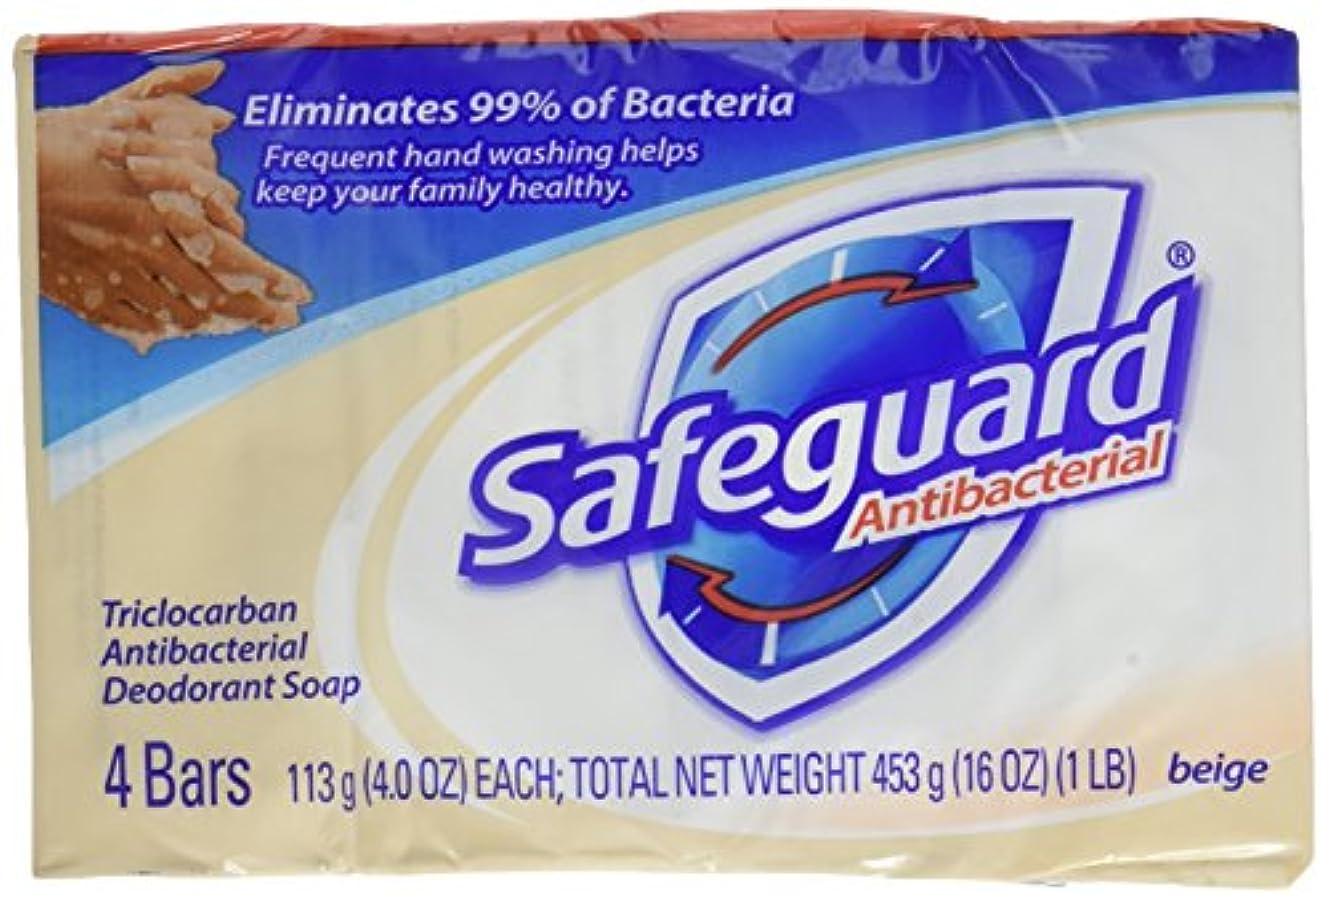 賞賛するオーバーラン年金受給者Safeguard antibacterial deodorant bar soap, Beige - 4 Oz, 4 ea by Safeguard